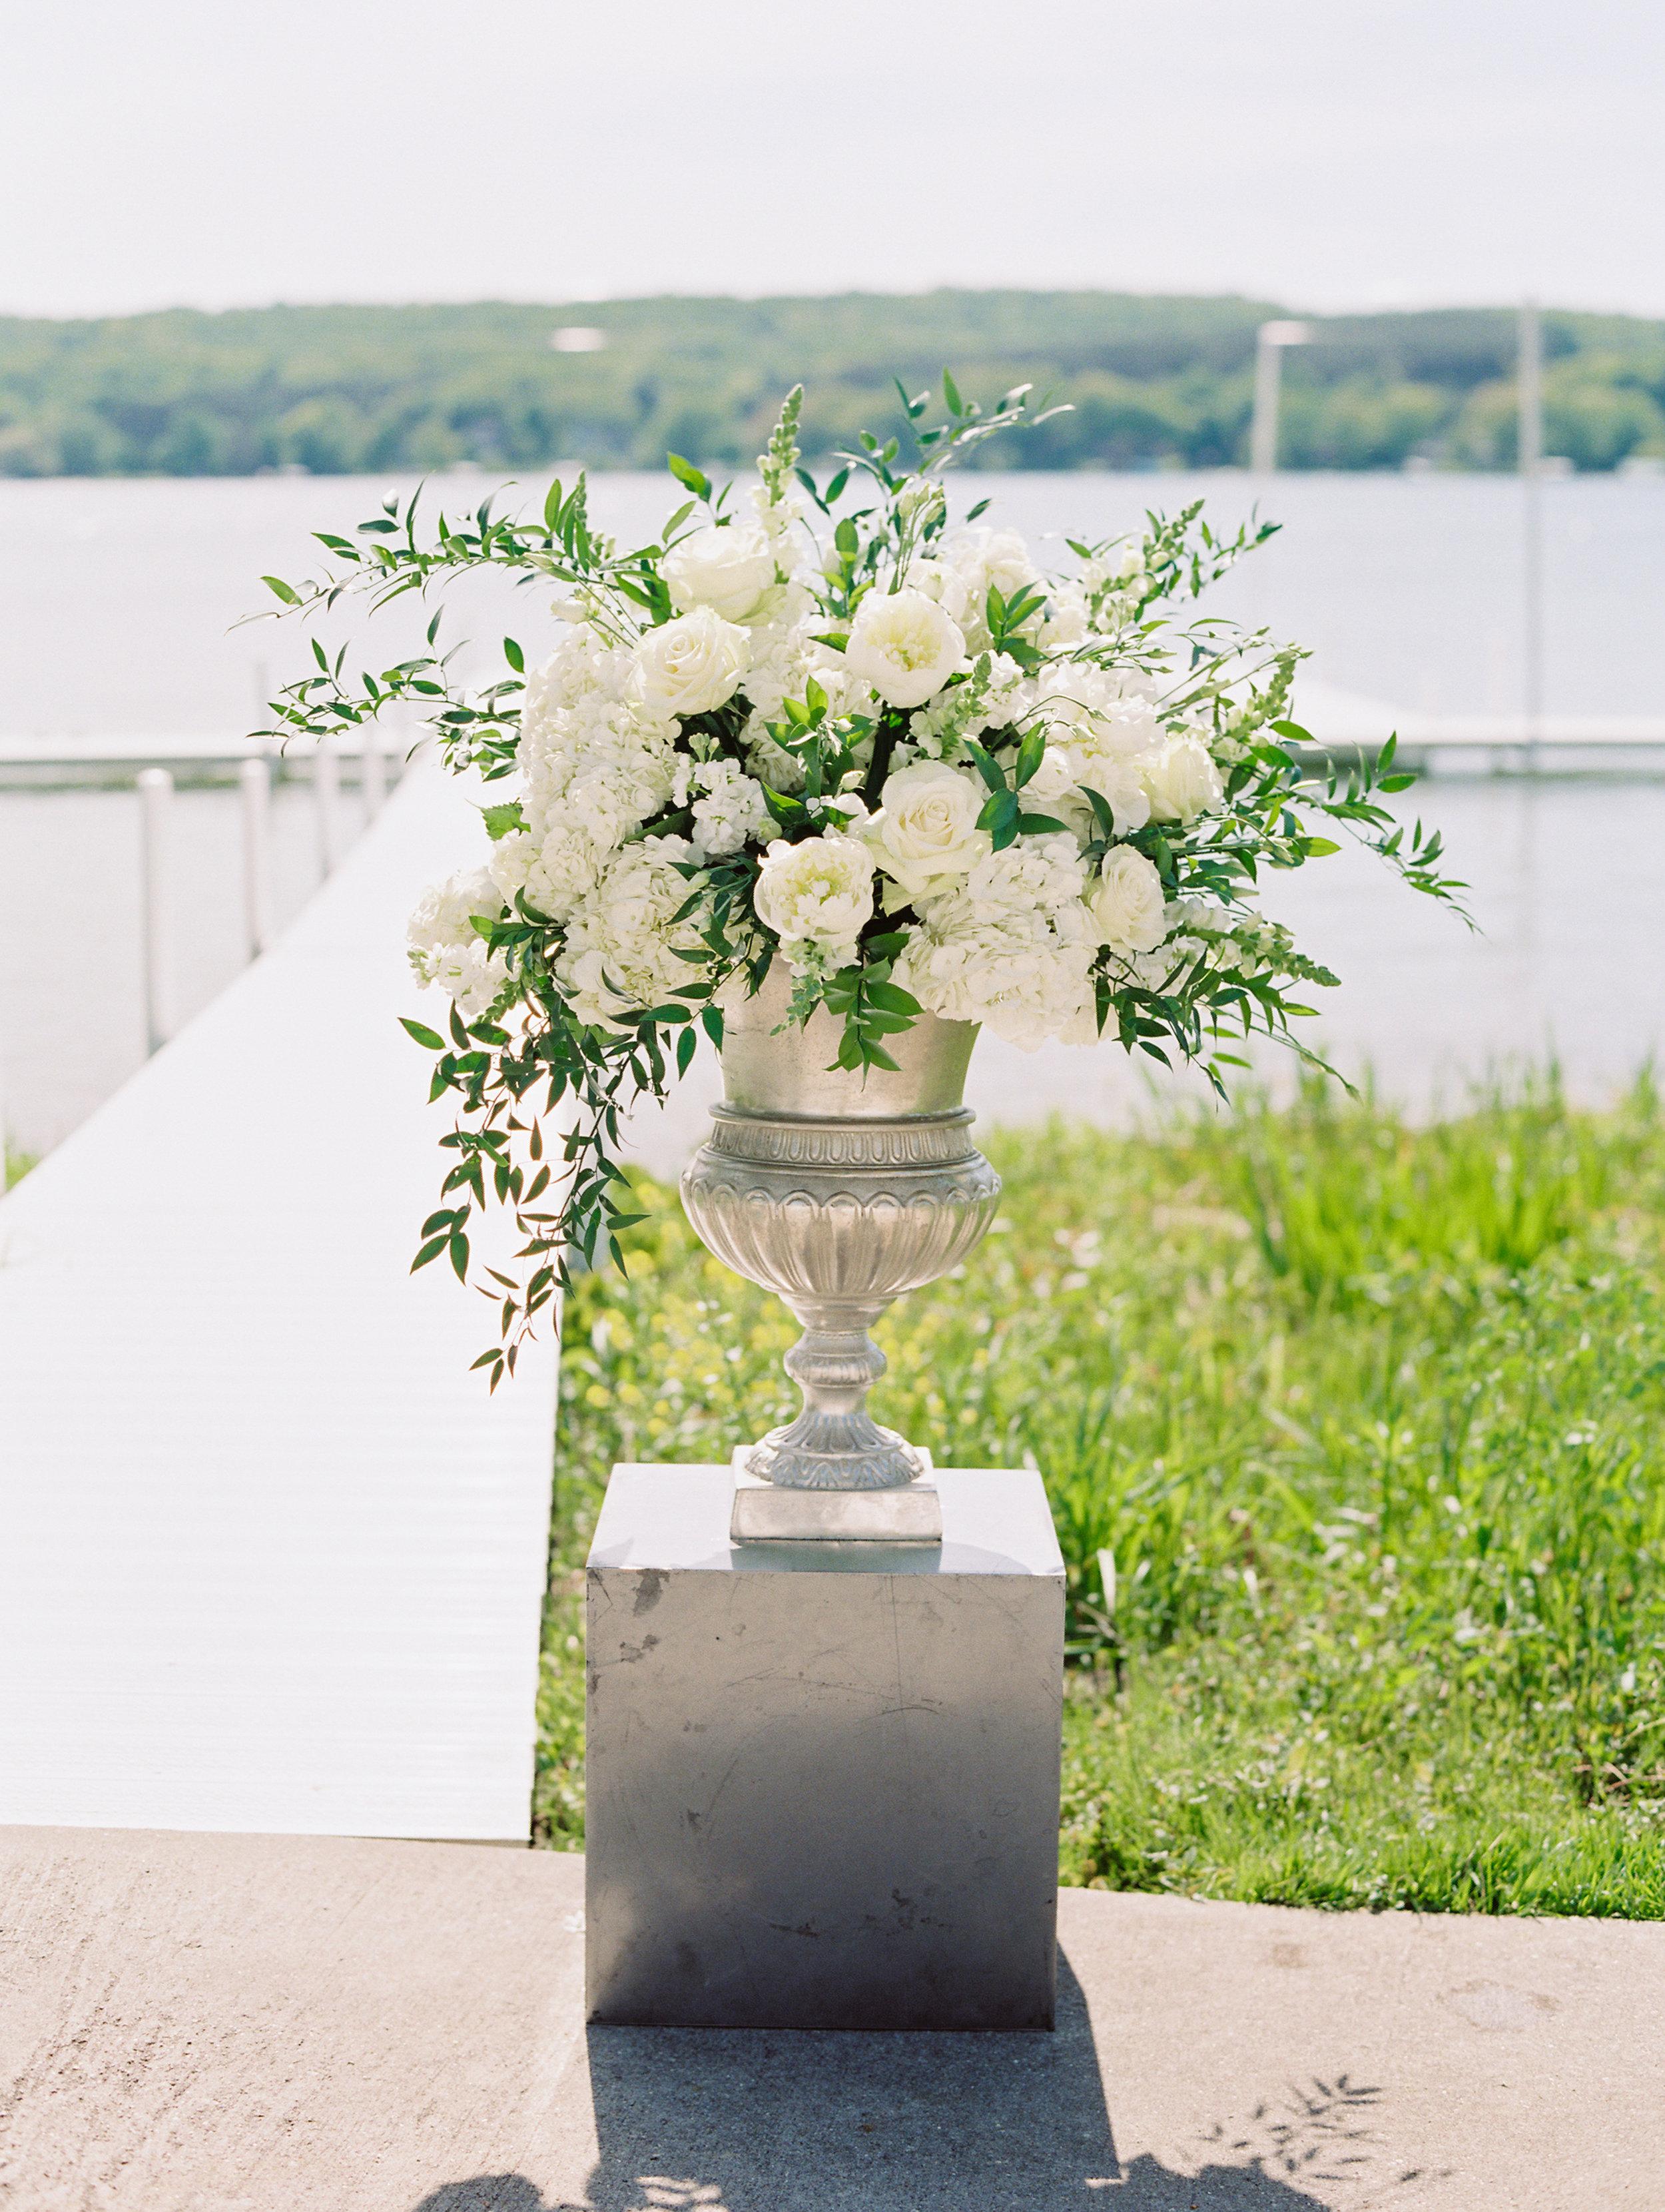 DeGuilio+Wedding+Ceremonyf-23.jpg